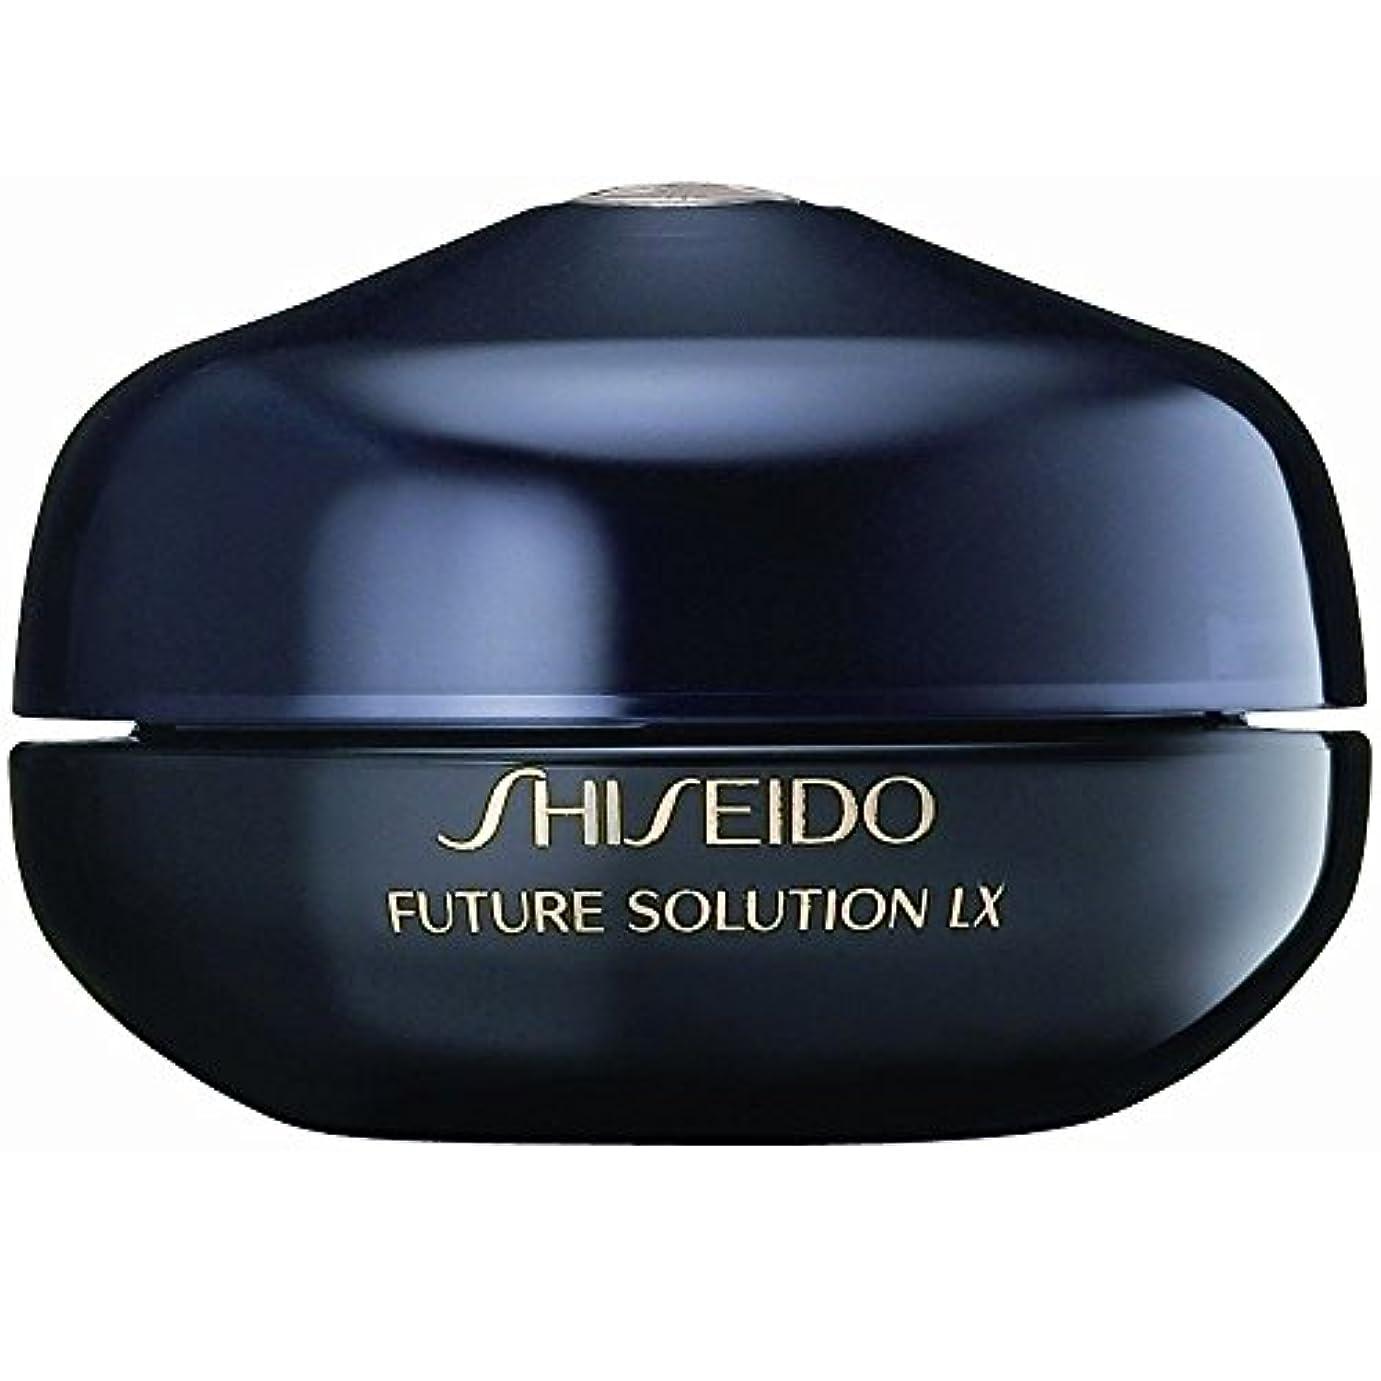 ボットアスペクトひどい[Shiseido] 資生堂フューチャーソリューションLxの目と唇の輪郭再生クリーム15Ml - Shiseido Future Solution Lx Eye And Lip Contour Regenerating Cream 15ml [並行輸入品]